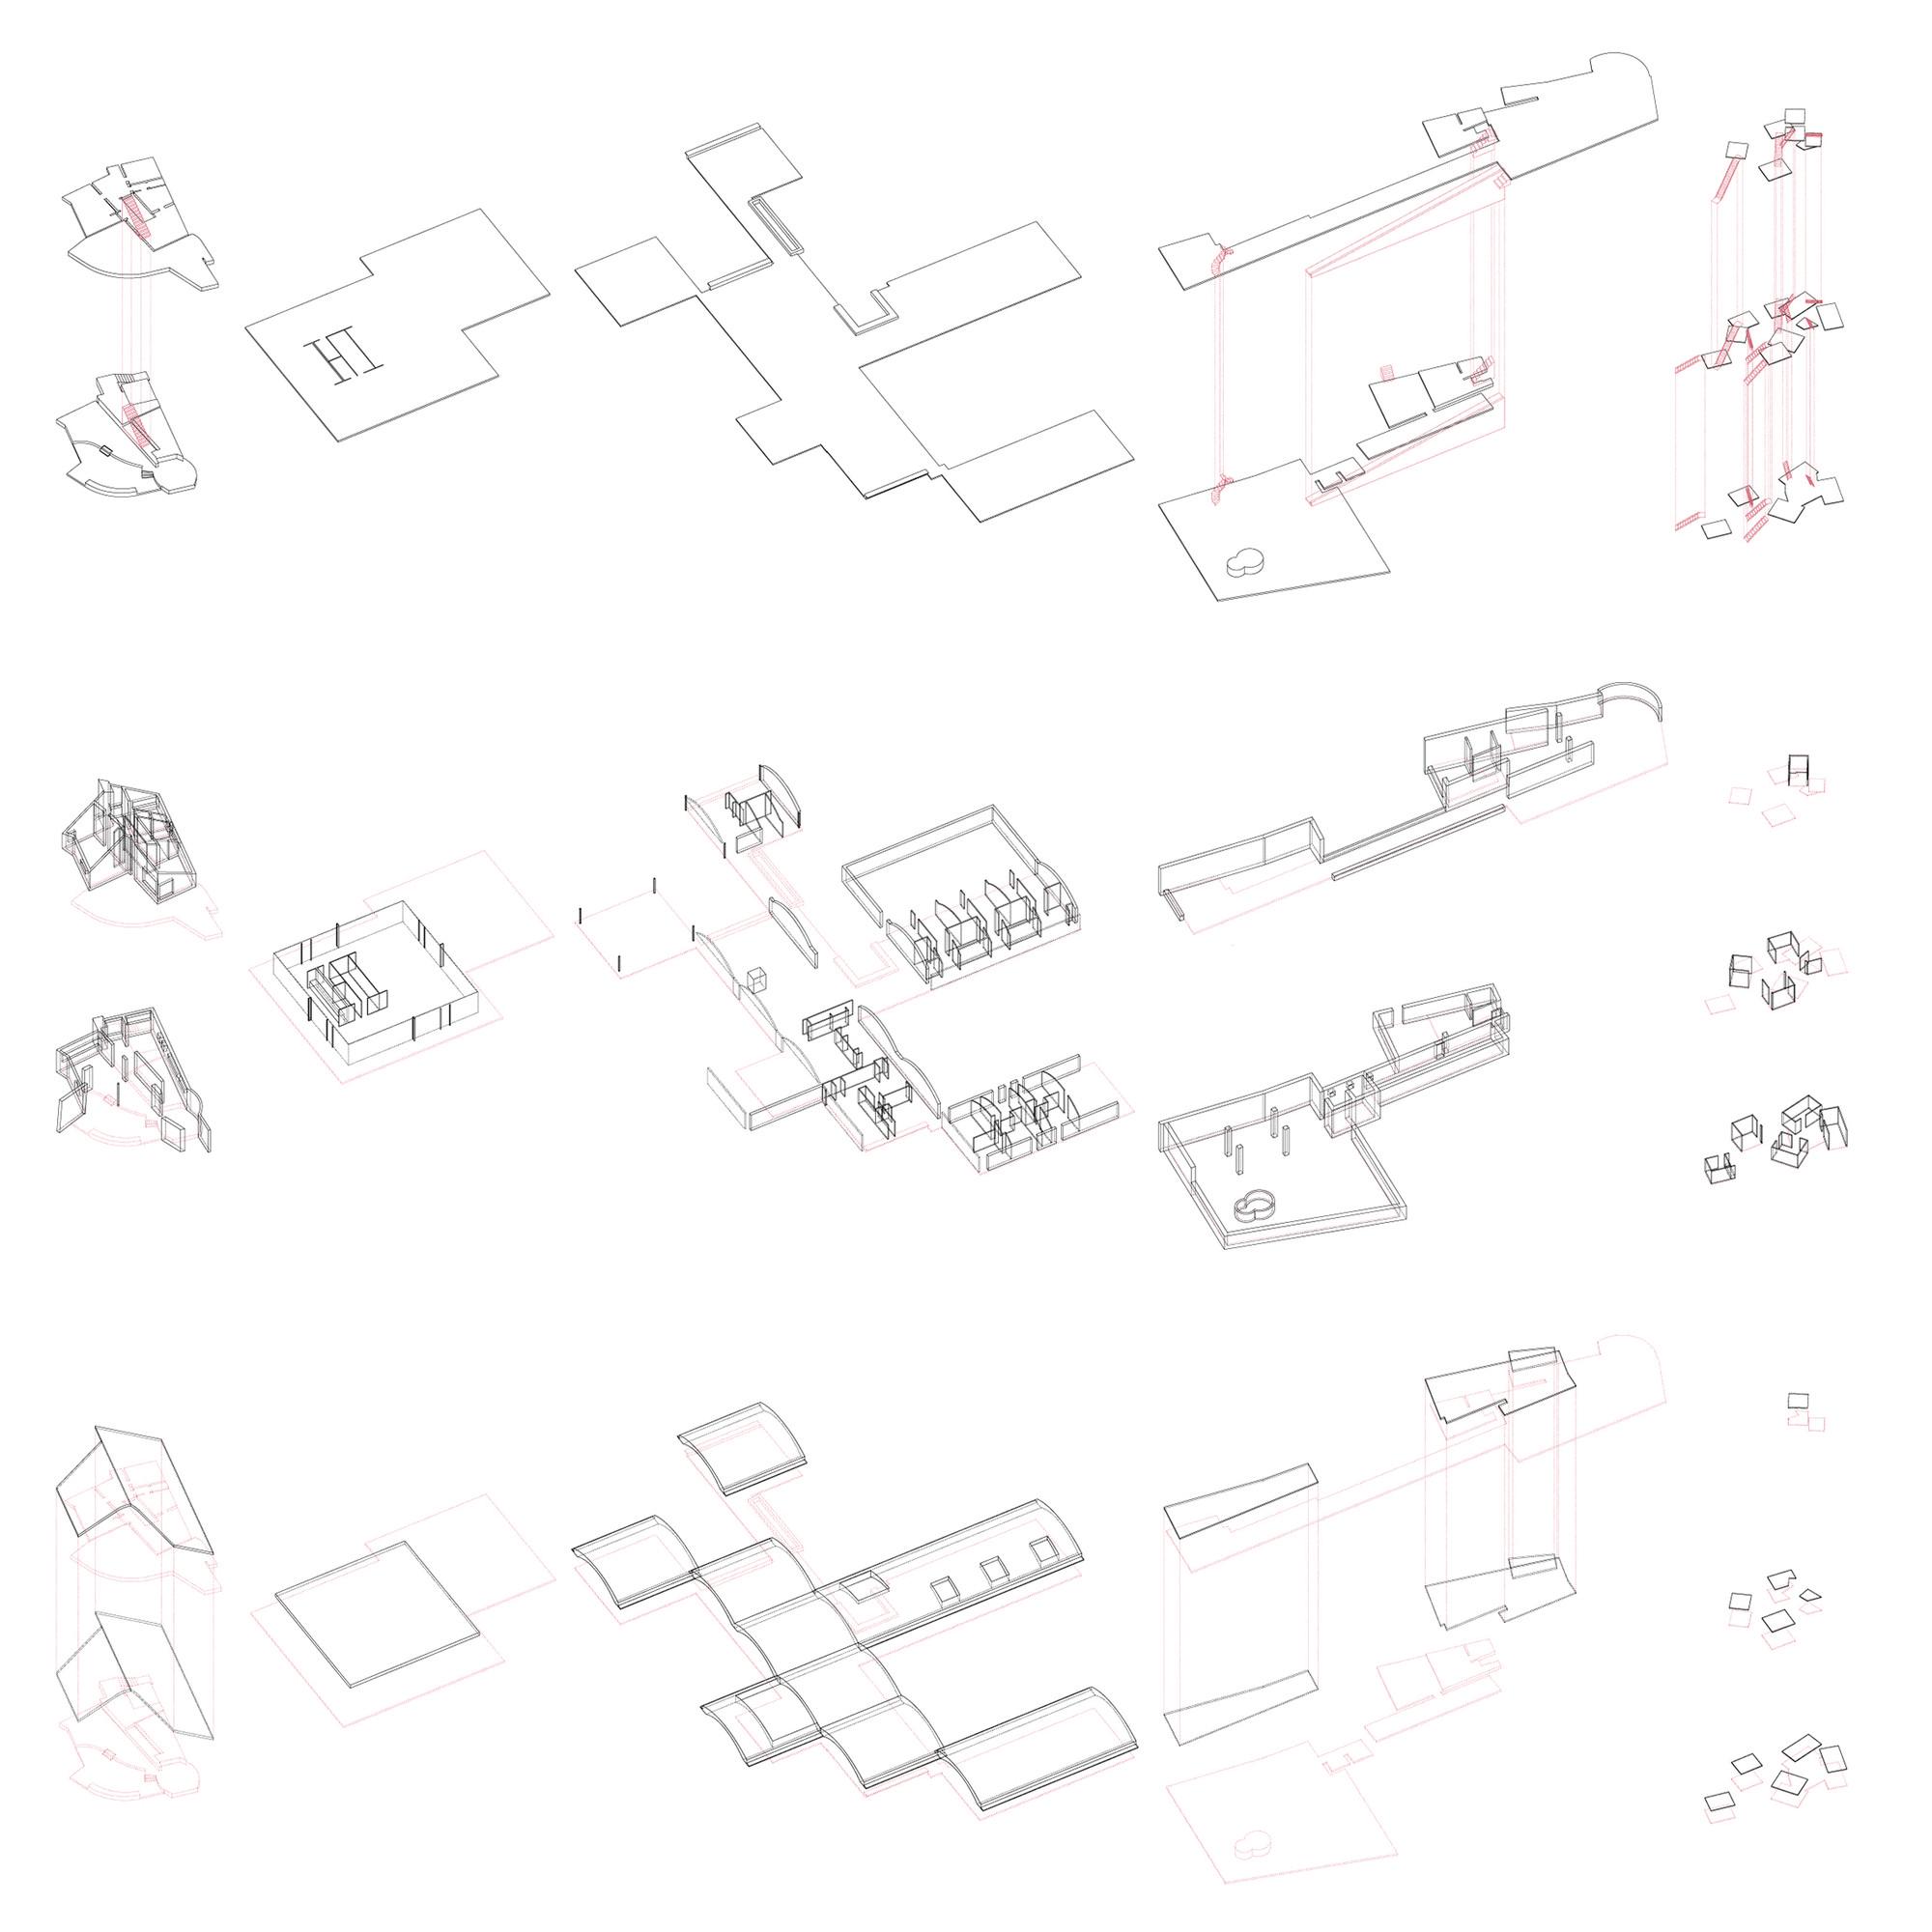 La estructura de sucesos. Estudio de suelos, muros y techos.. Image Cortesia de Damián Plouganou